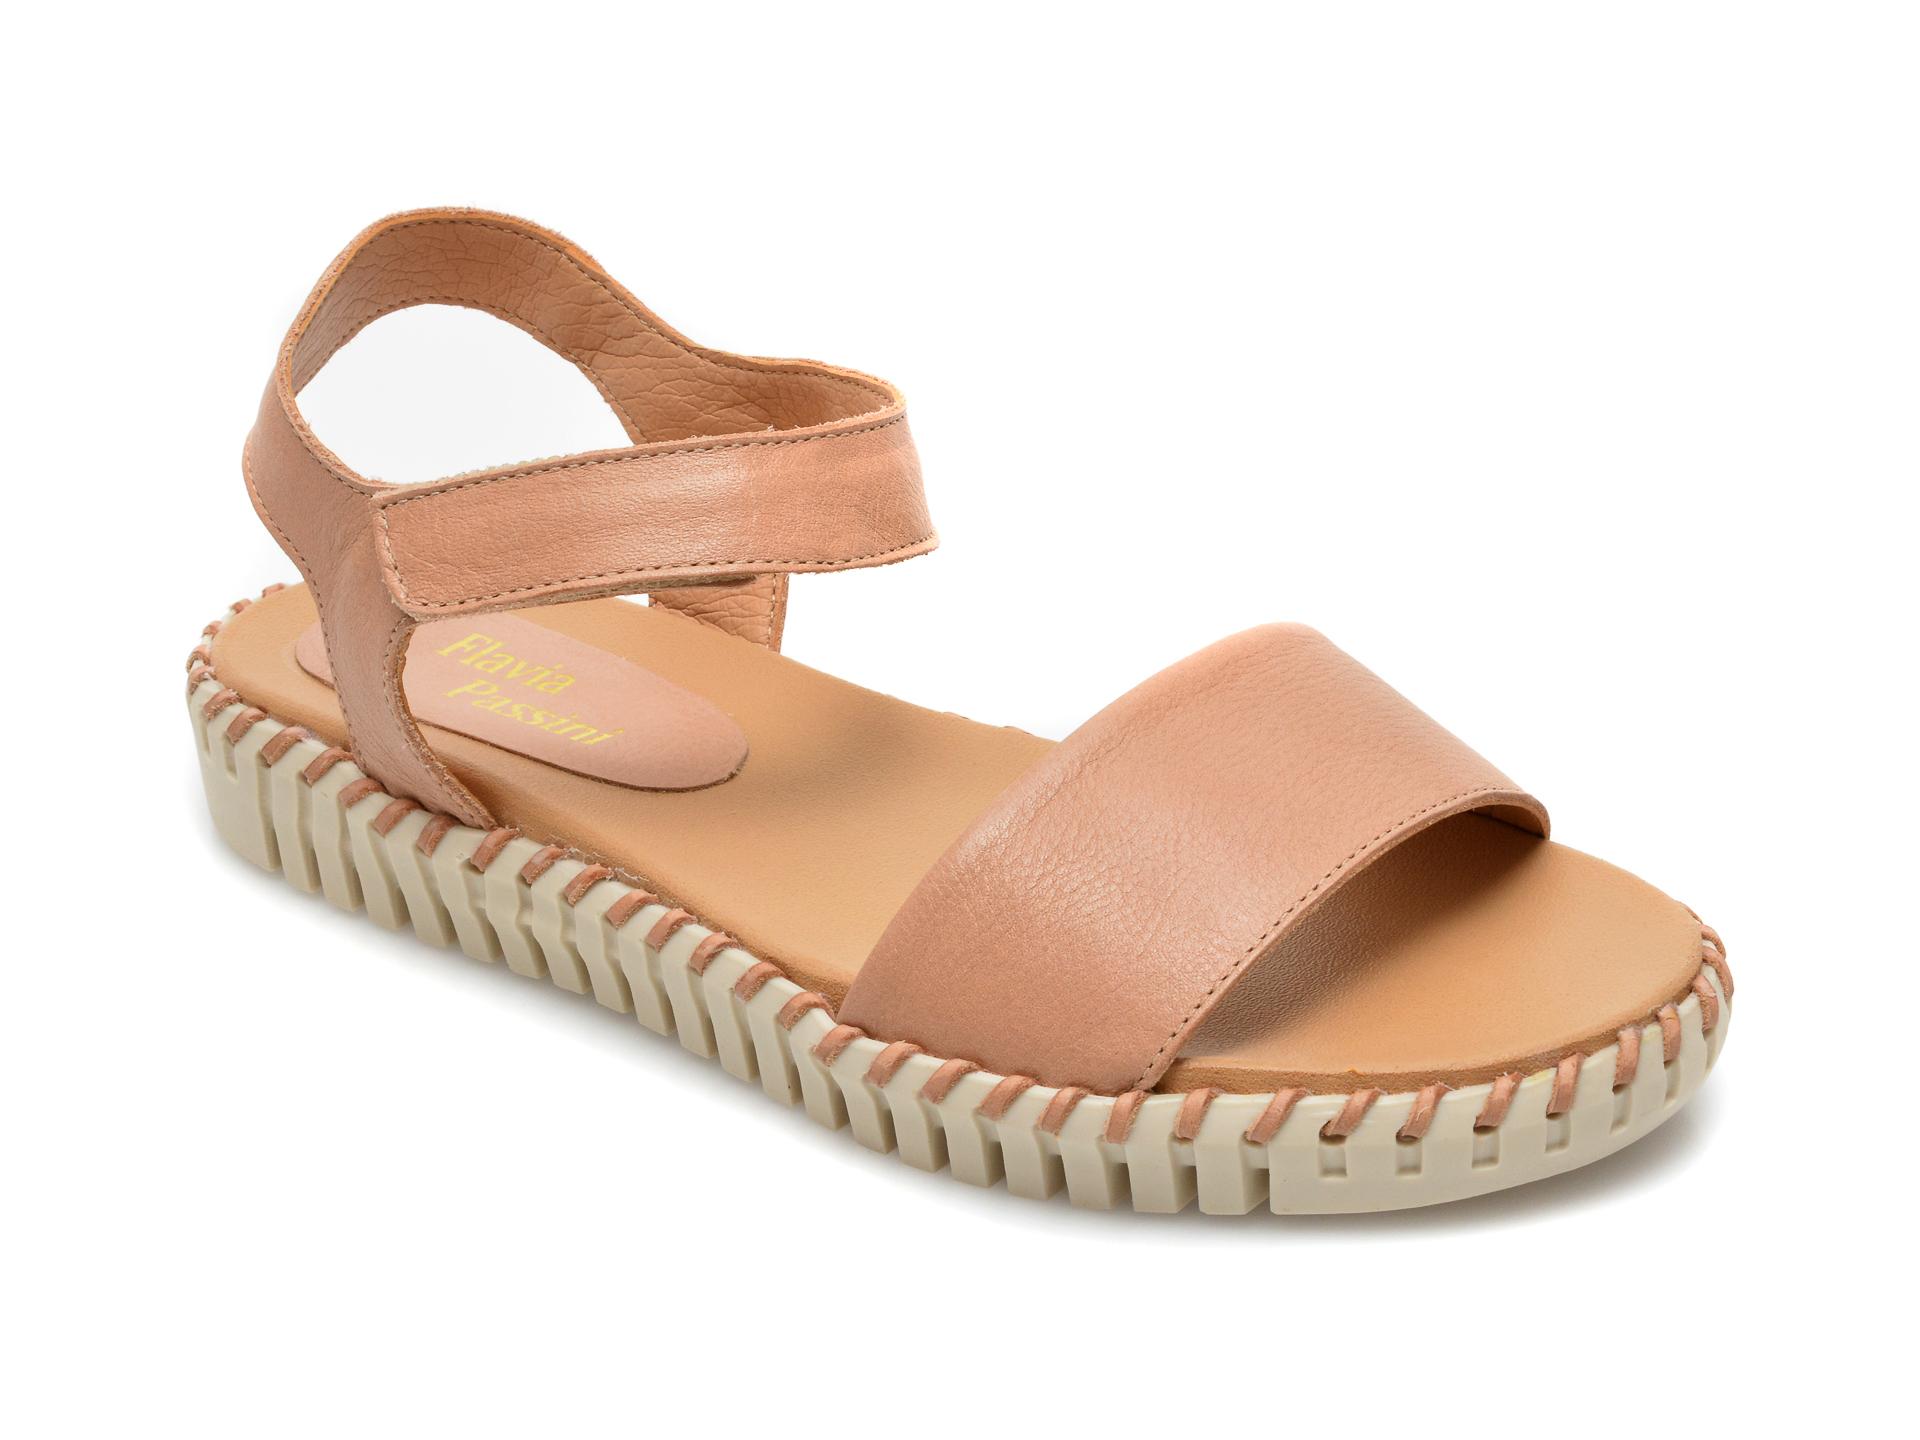 Sandale FLAVIA PASSINI nude, 314409, din piele naturala imagine 2021 Flavia Passini